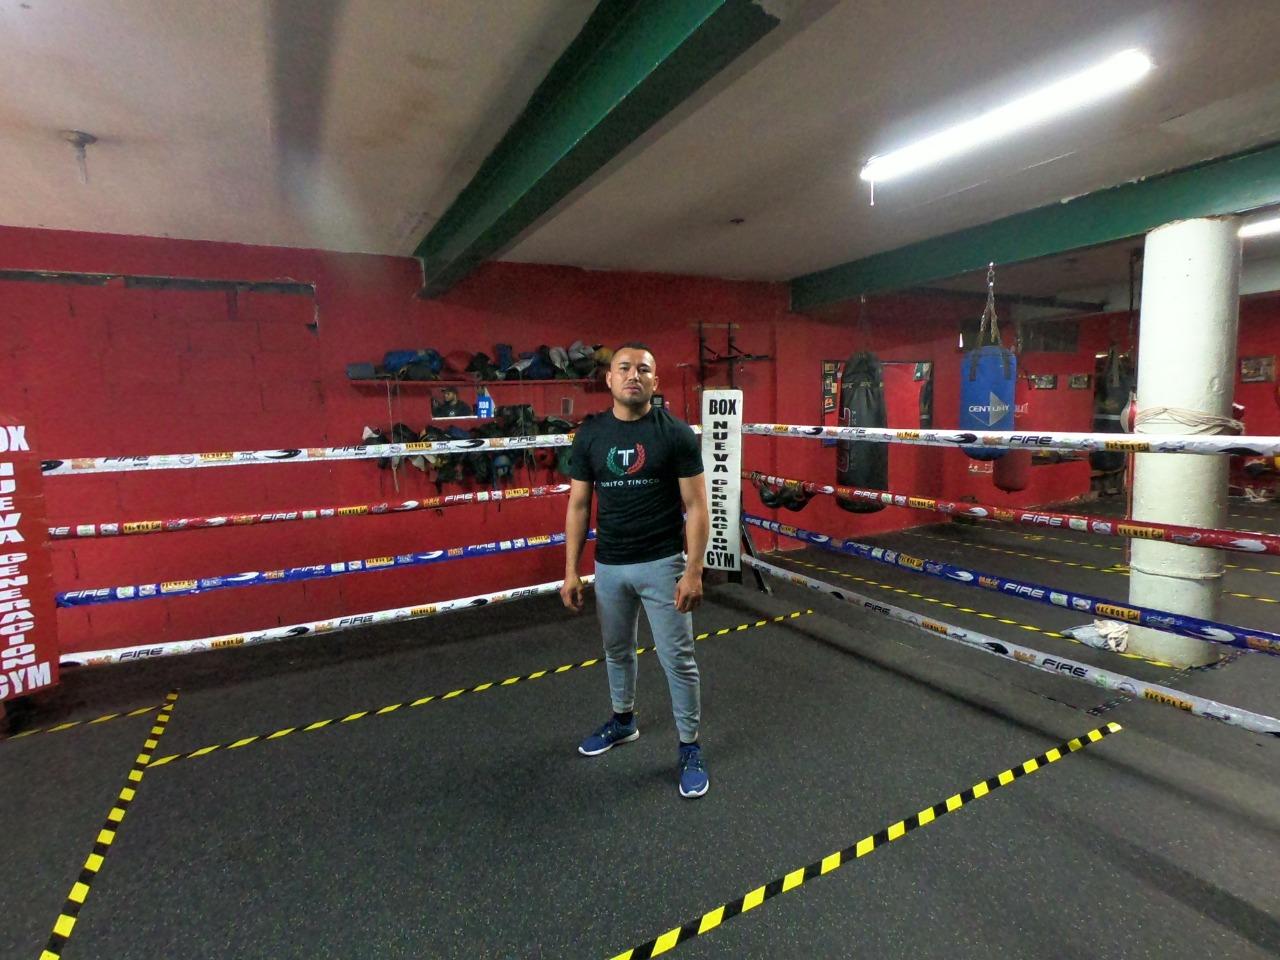 Ofrecen clases de box a distancia en Rosarito